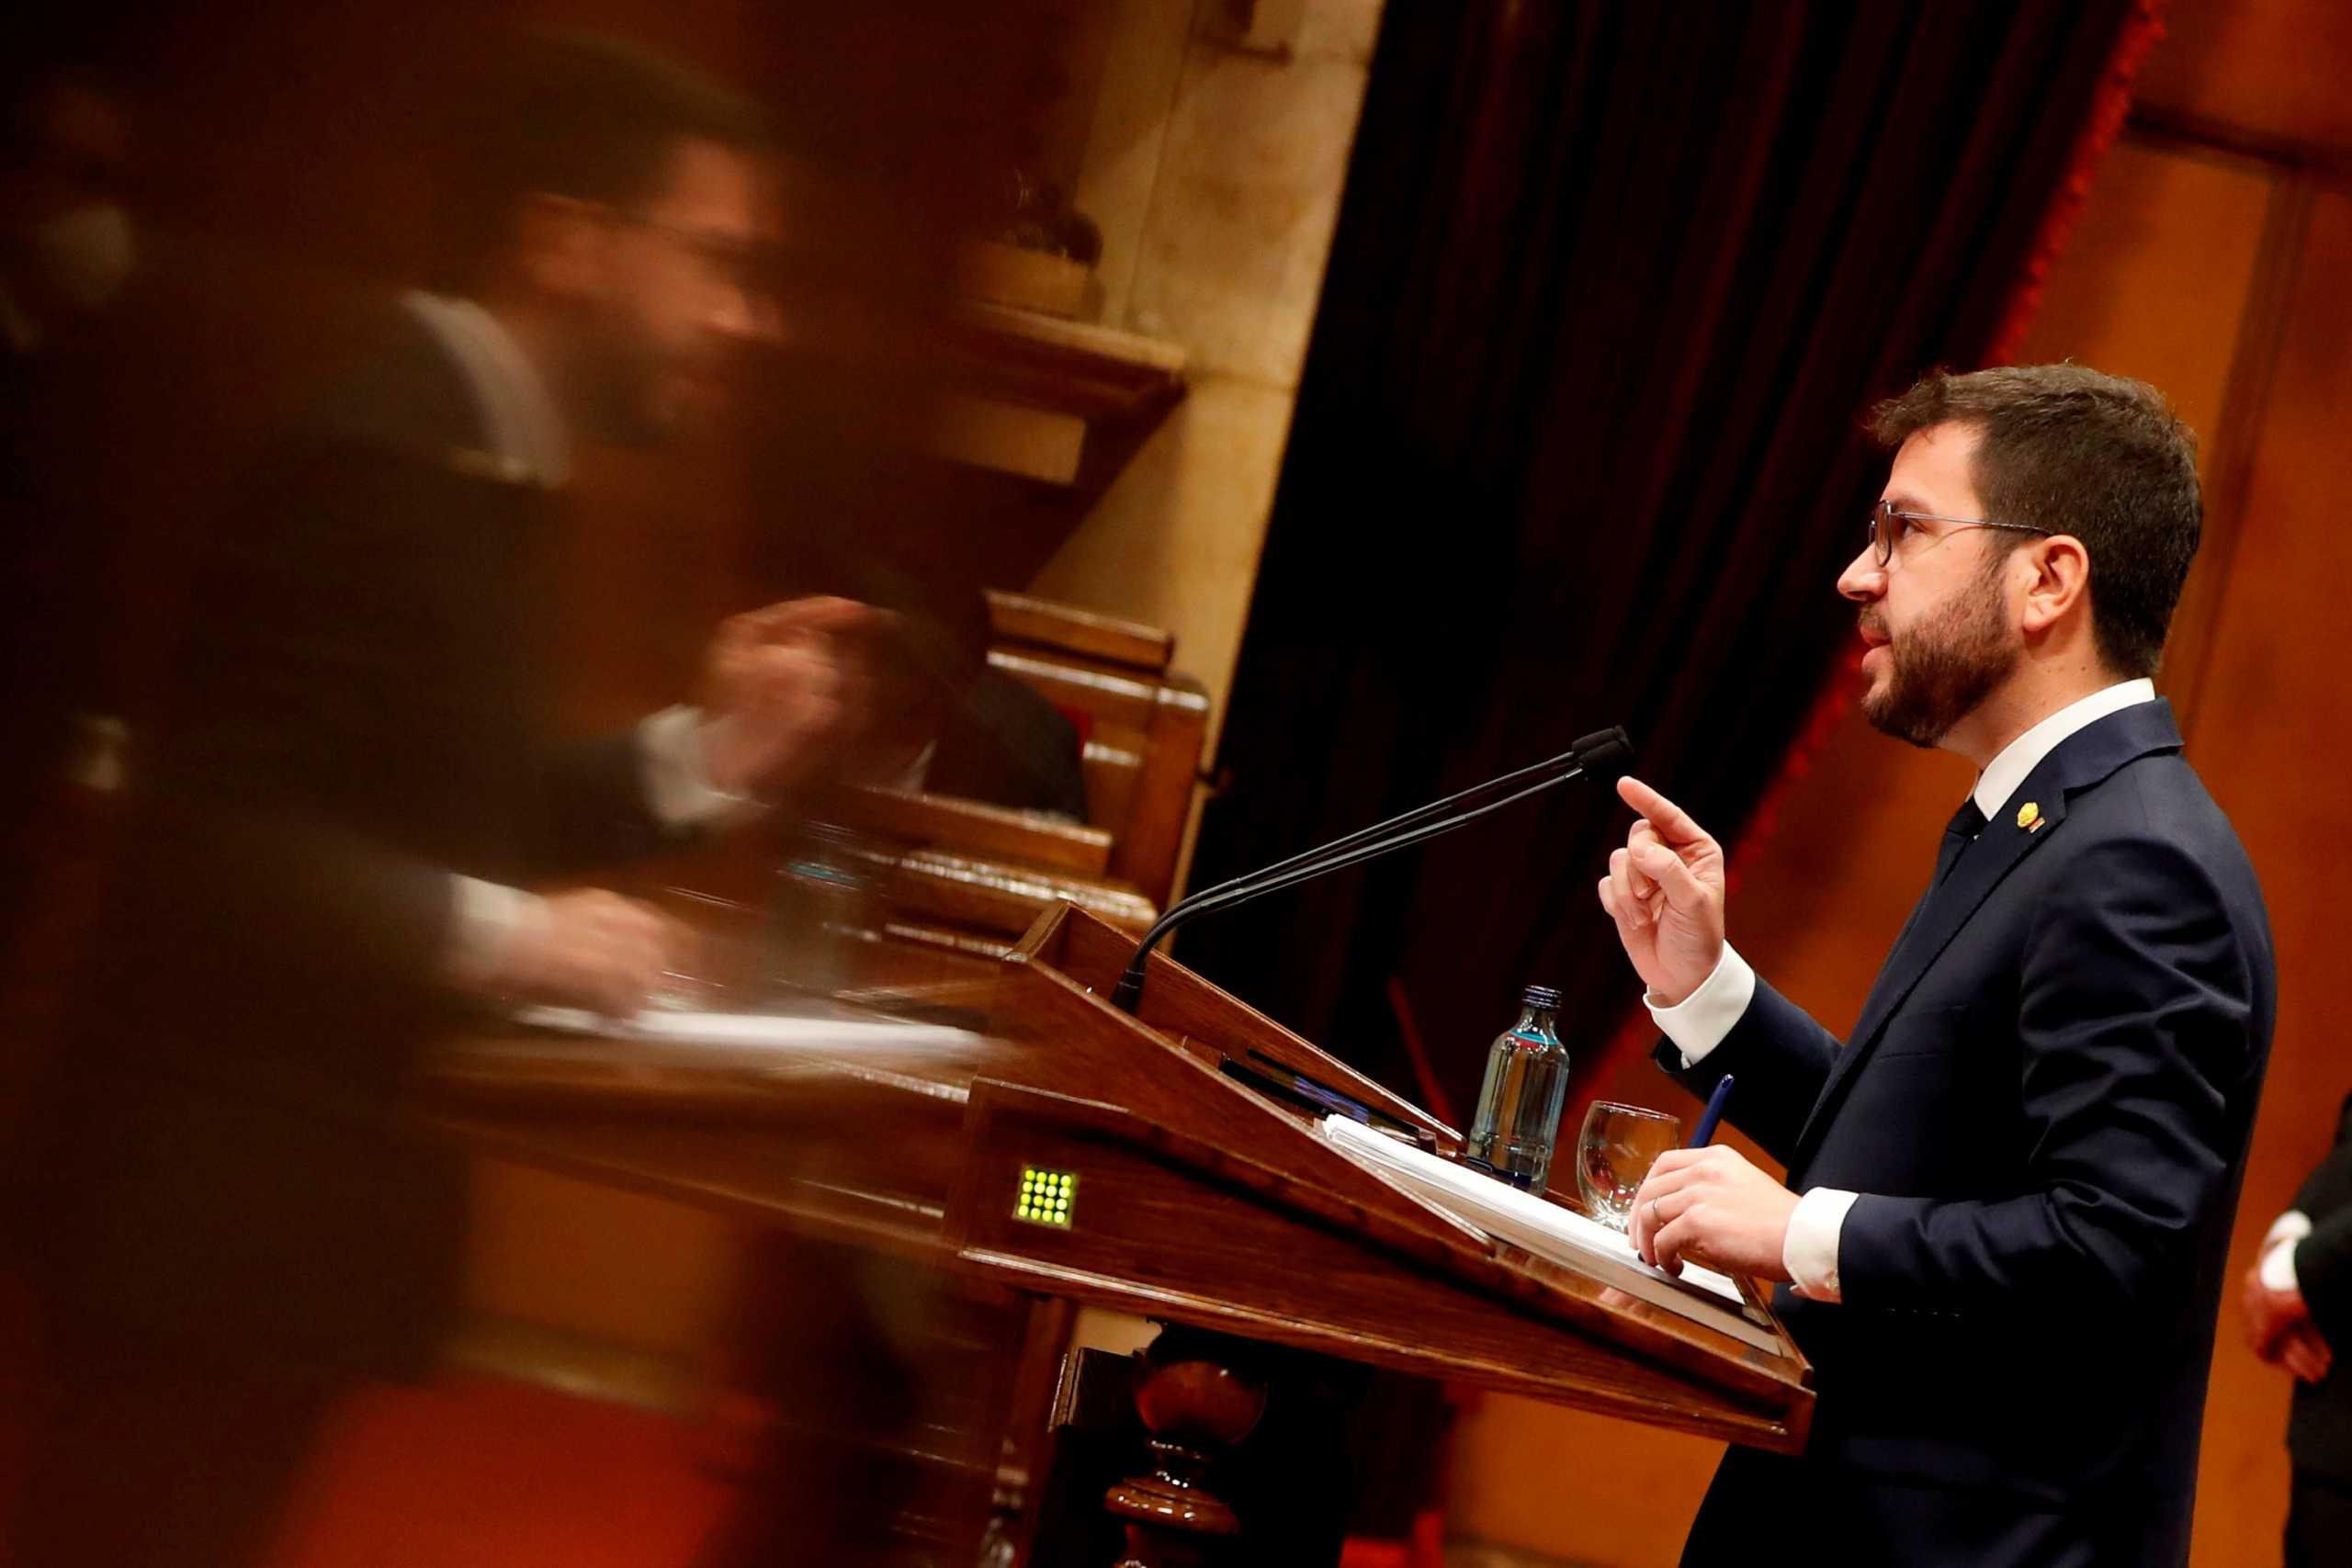 Νέος πρόεδρος της Καταλονίας ο μετριοπαθής Πέρε Αραγονές